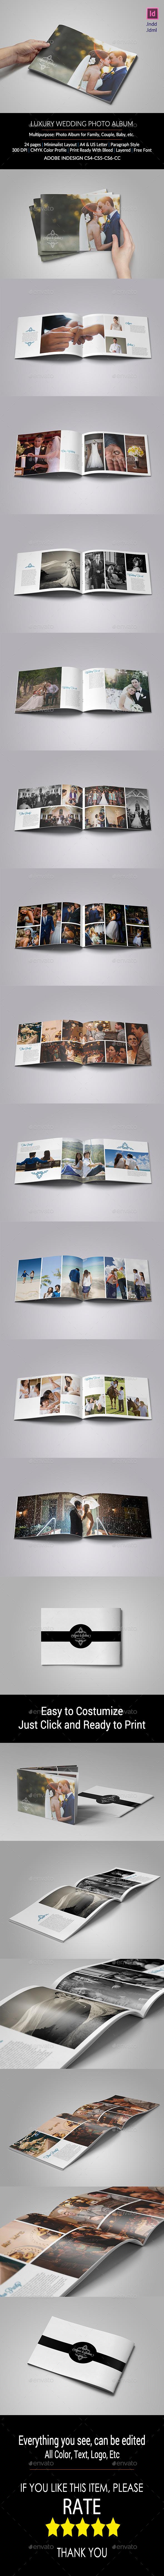 GraphicRiver Luxury Wedding Album 11085965